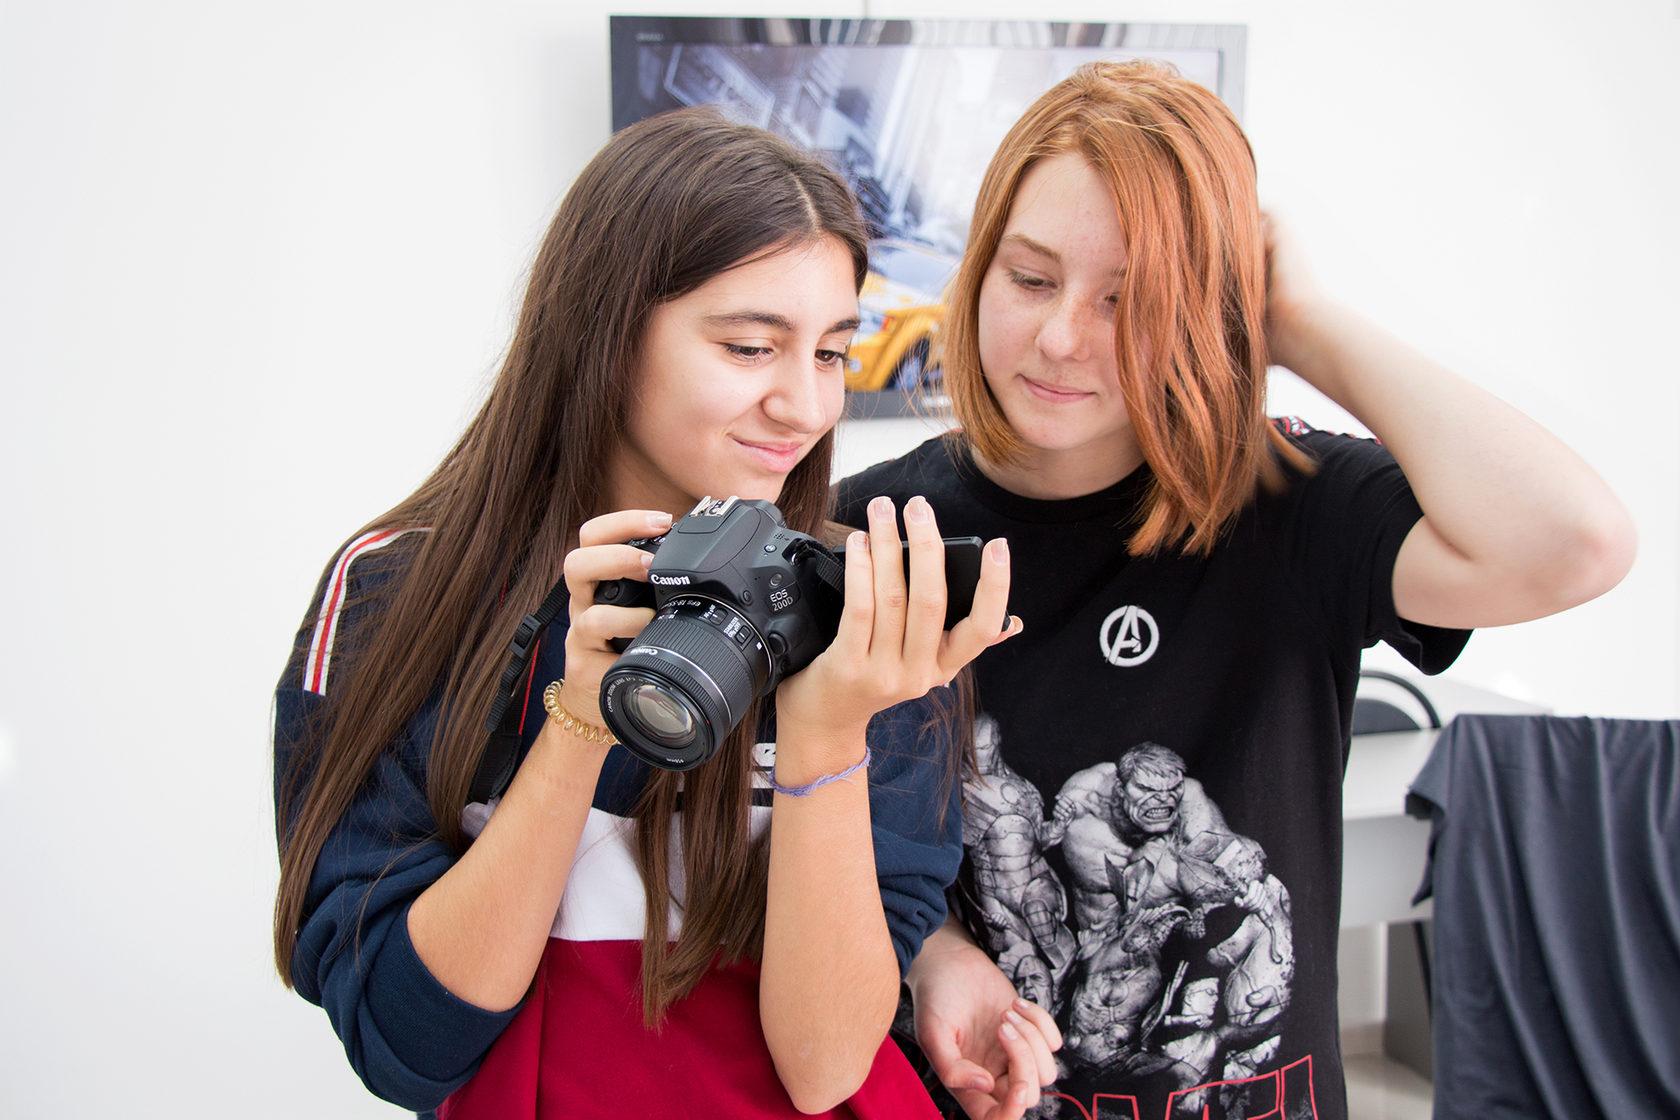 обучающие курсы фотографии в спб технологии двигателя